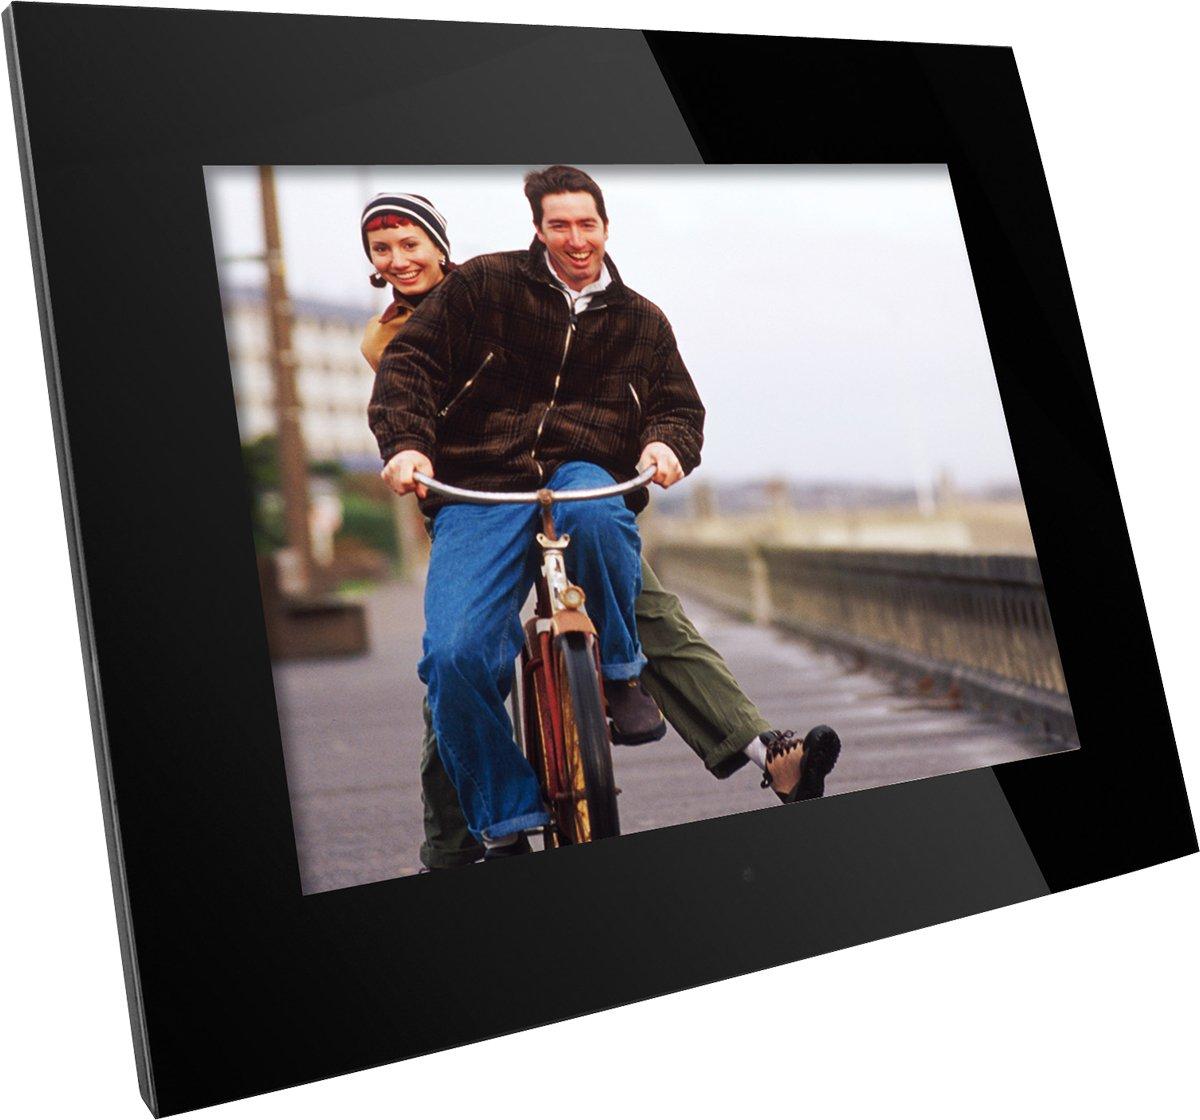 Rollei Pictureline 3150 Bilderrahmen 15 Zoll: Amazon.de: Kamera